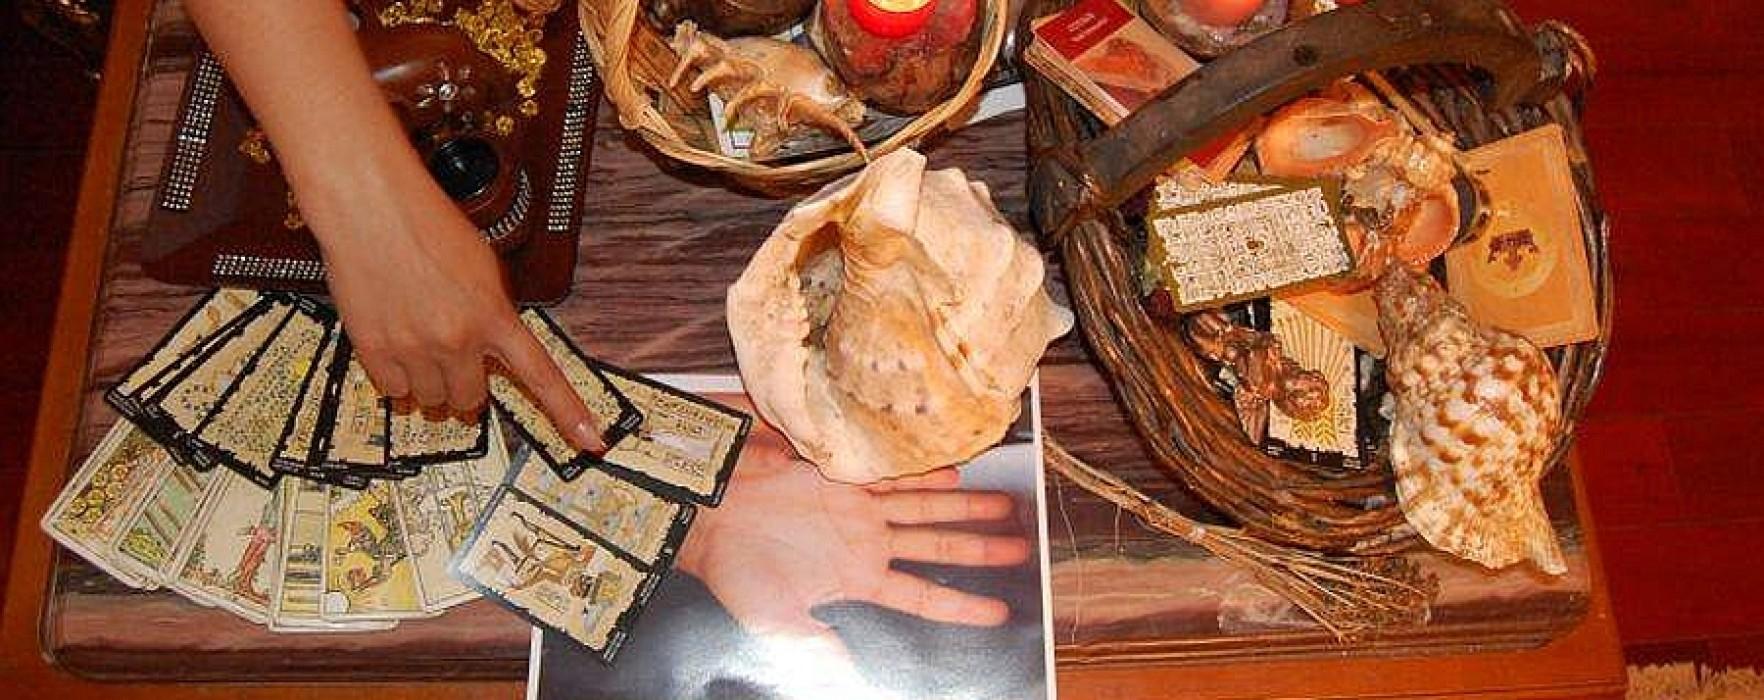 Femeie înşelată de o ghicitoare, care i-a furat bani şi inele de aur